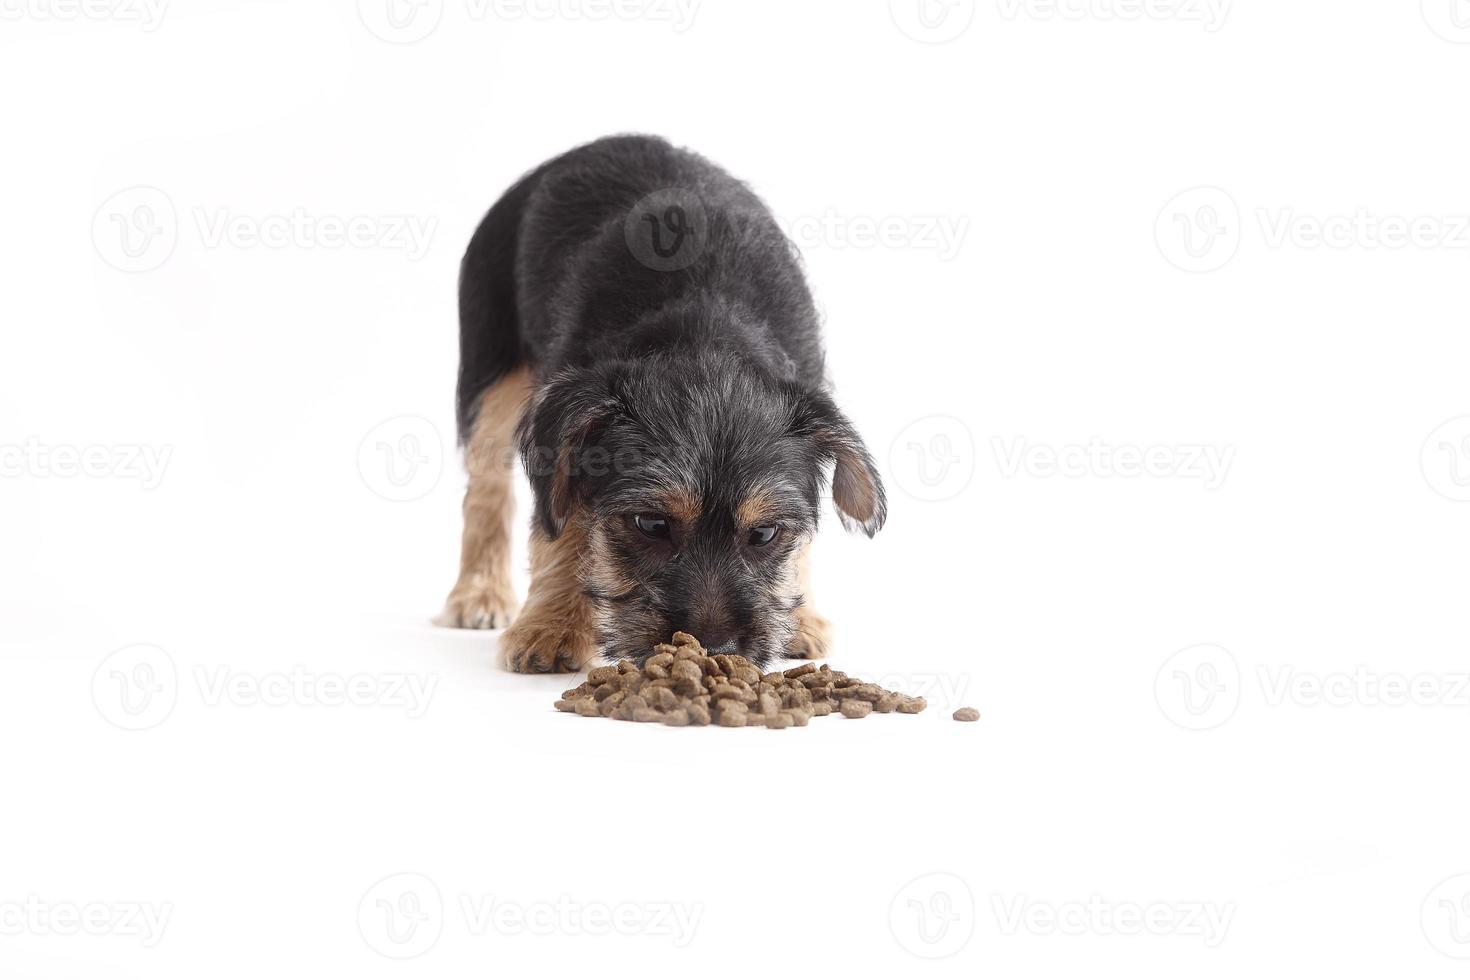 mezcla de terrier joven come comida para perros foto